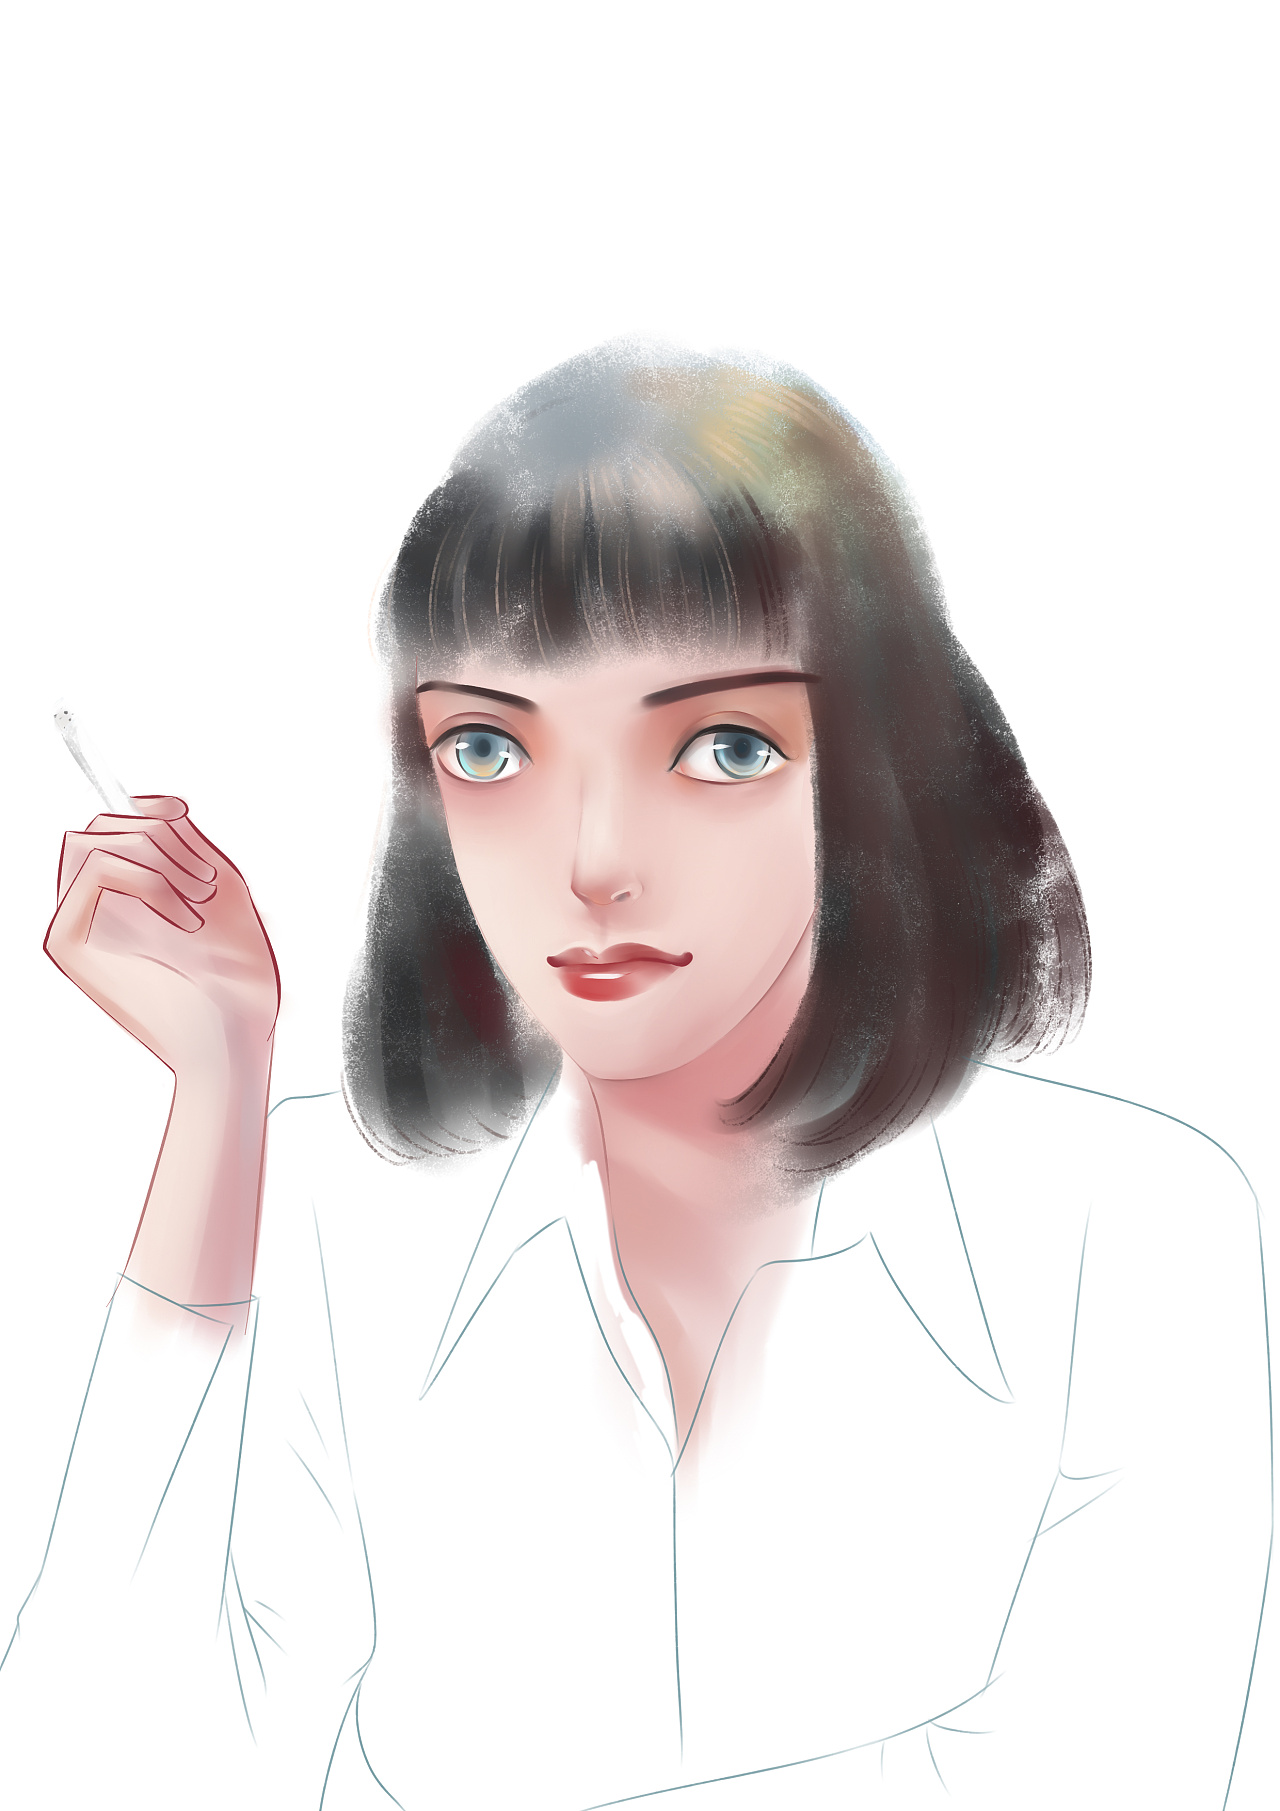 低俗小说. 蜜儿|插画|插画习作|Eileenliao - 原创